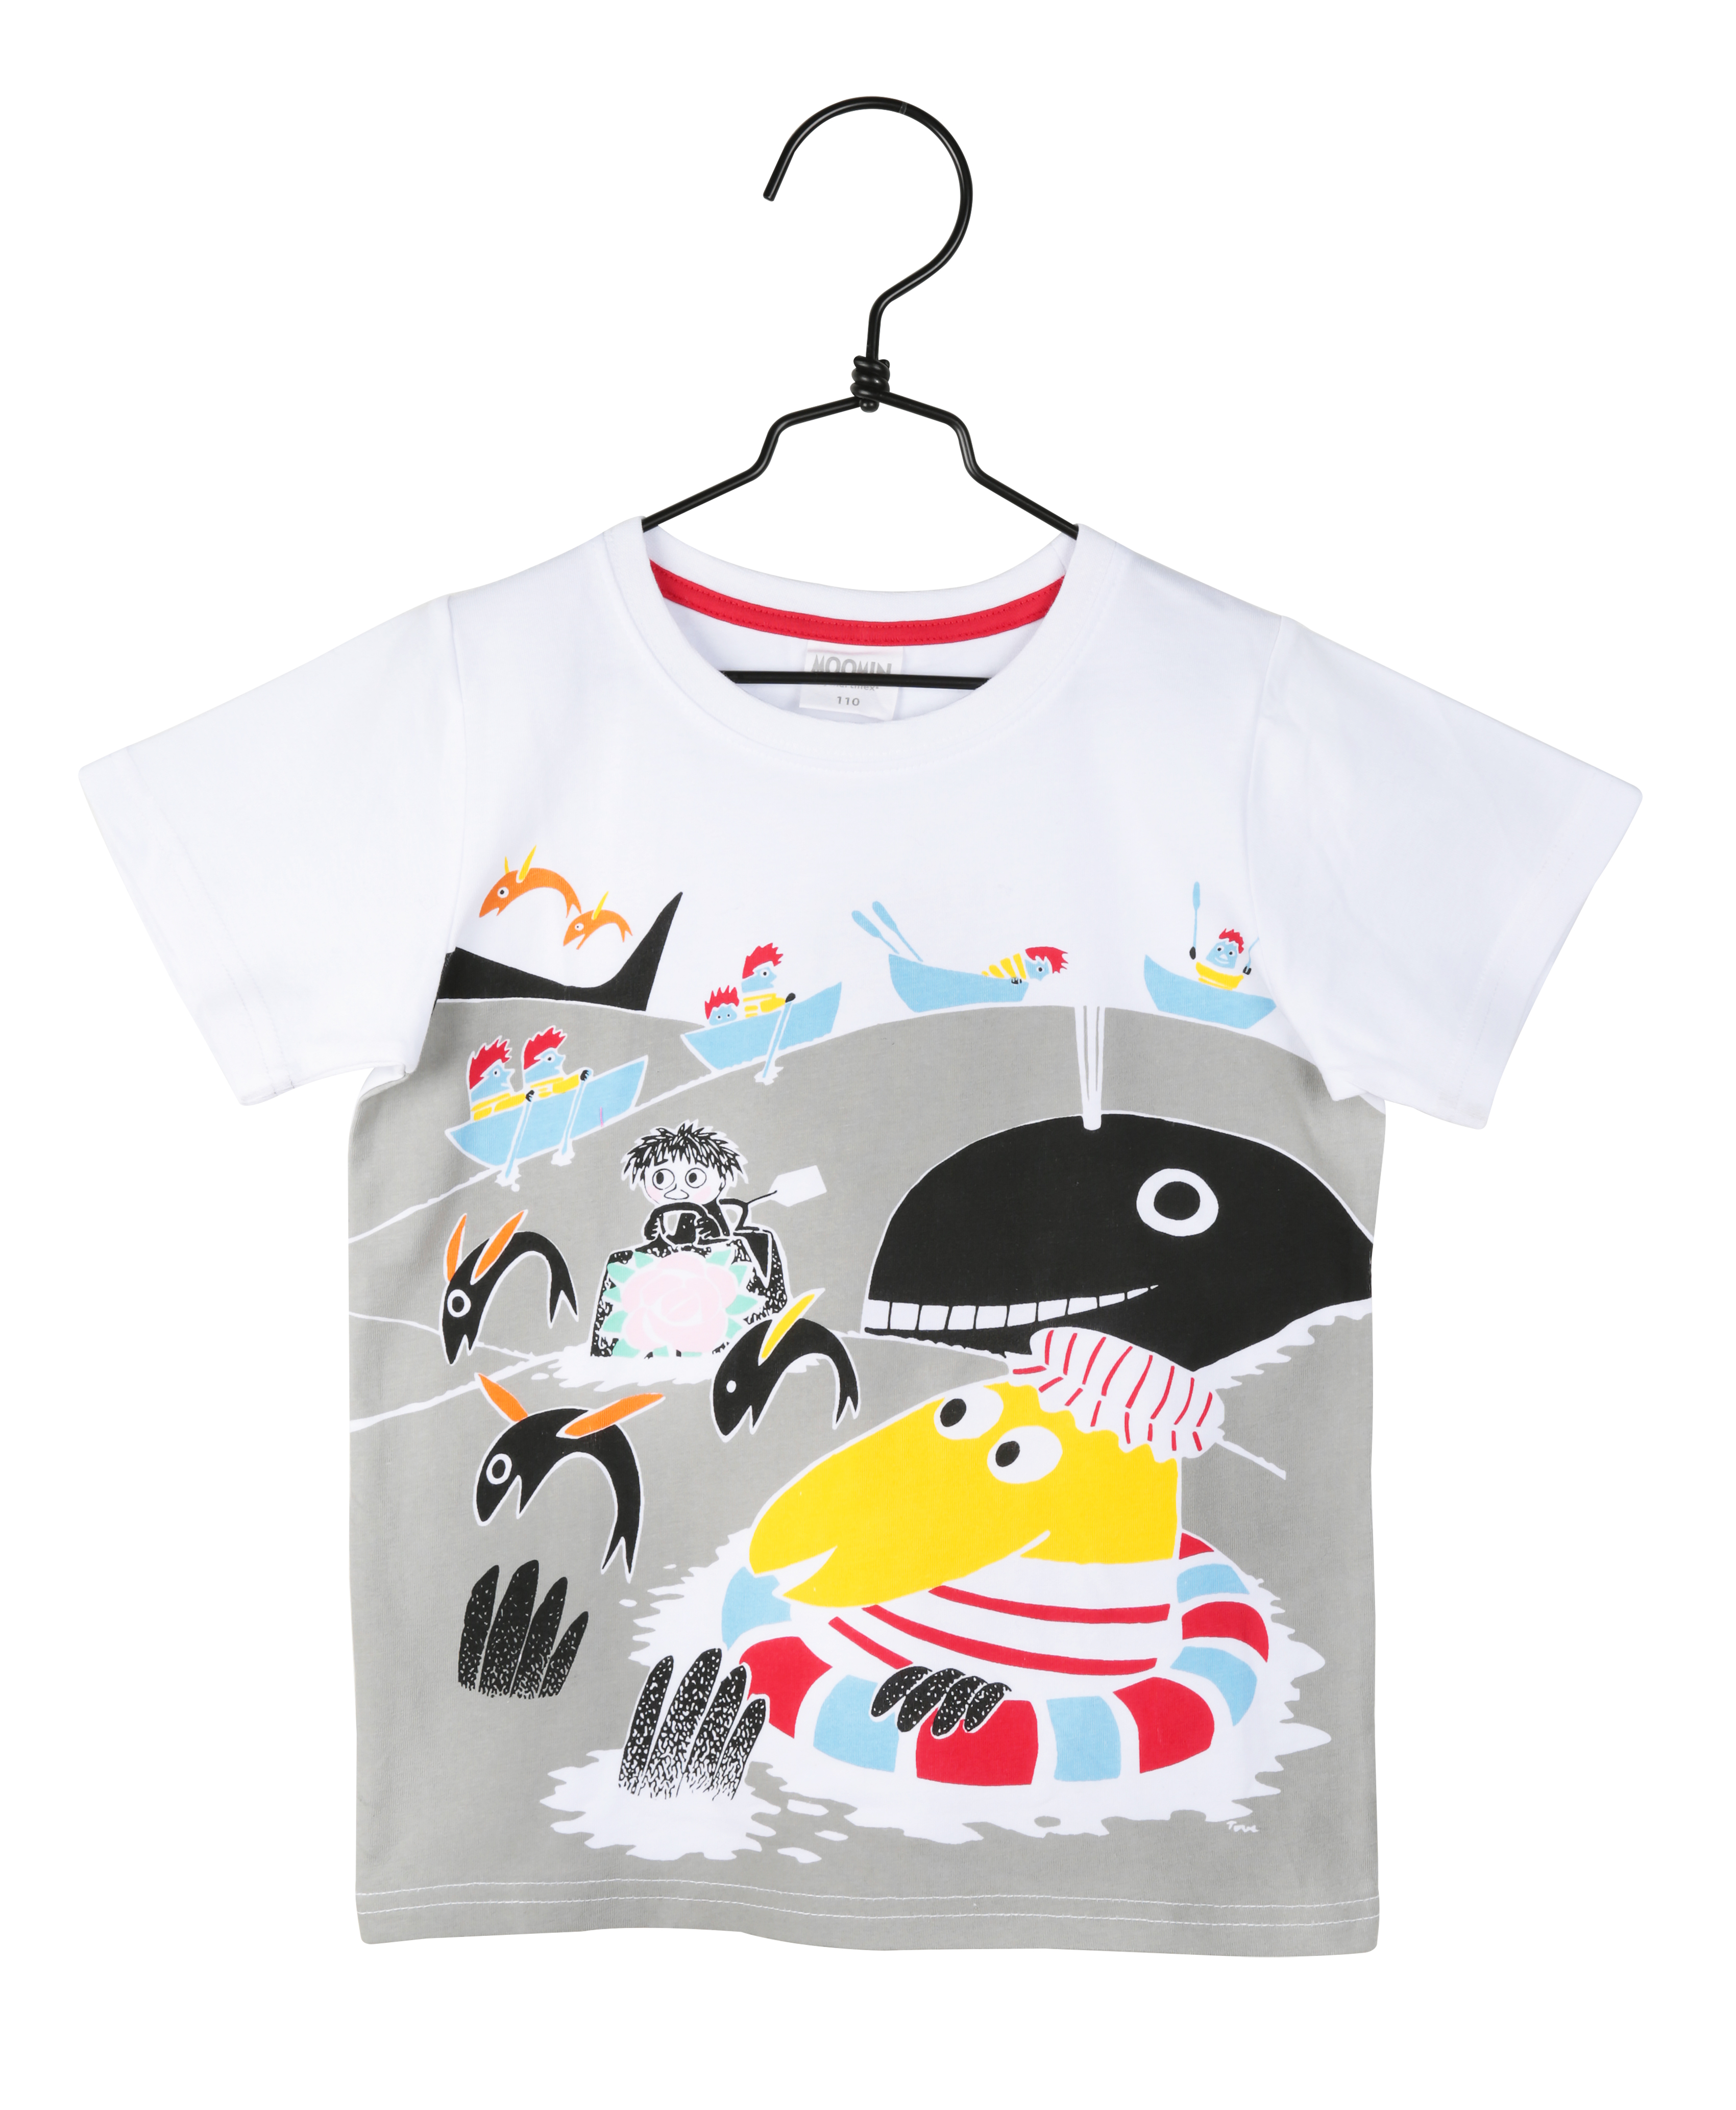 Martinex Hemulen Swimming T-Shirt